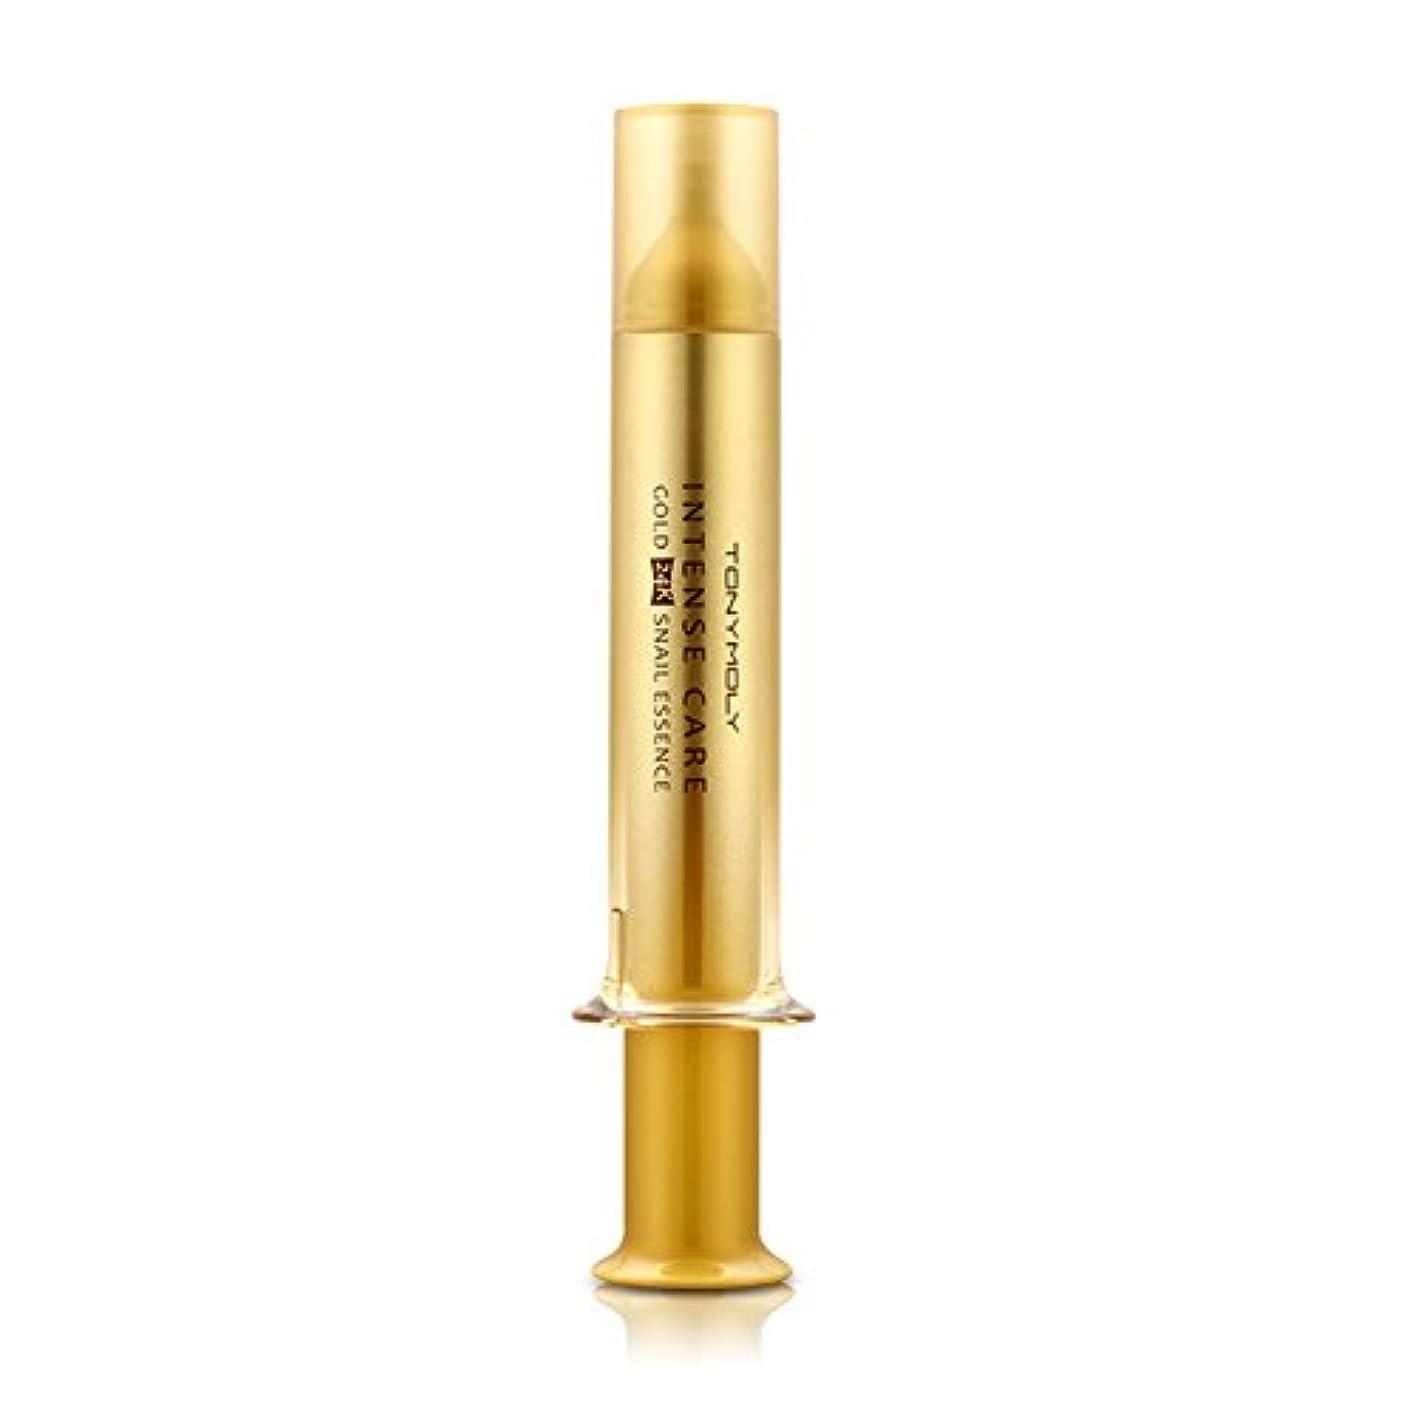 準備した風日食TONYMOLY INTENSE CARE Gold 24K Snail Essence 15ml